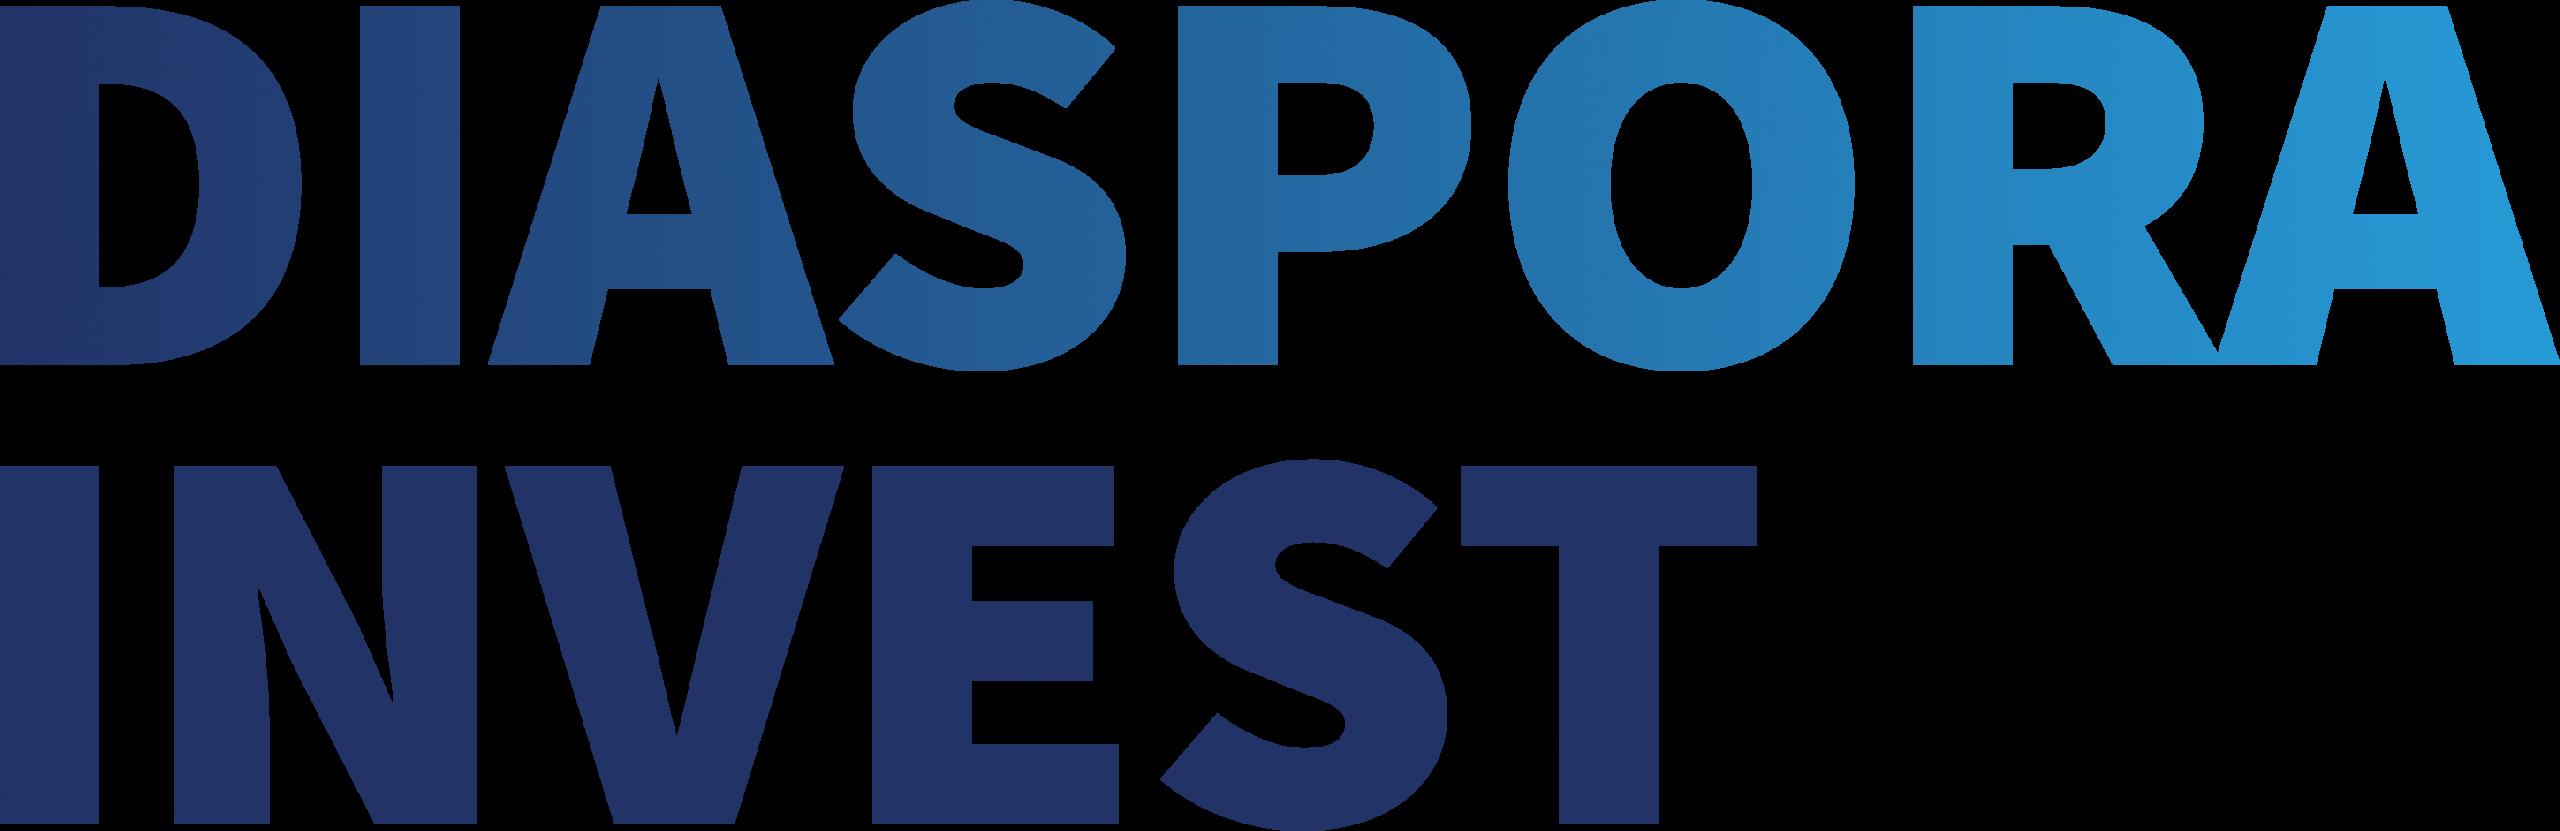 Diaspora Invest